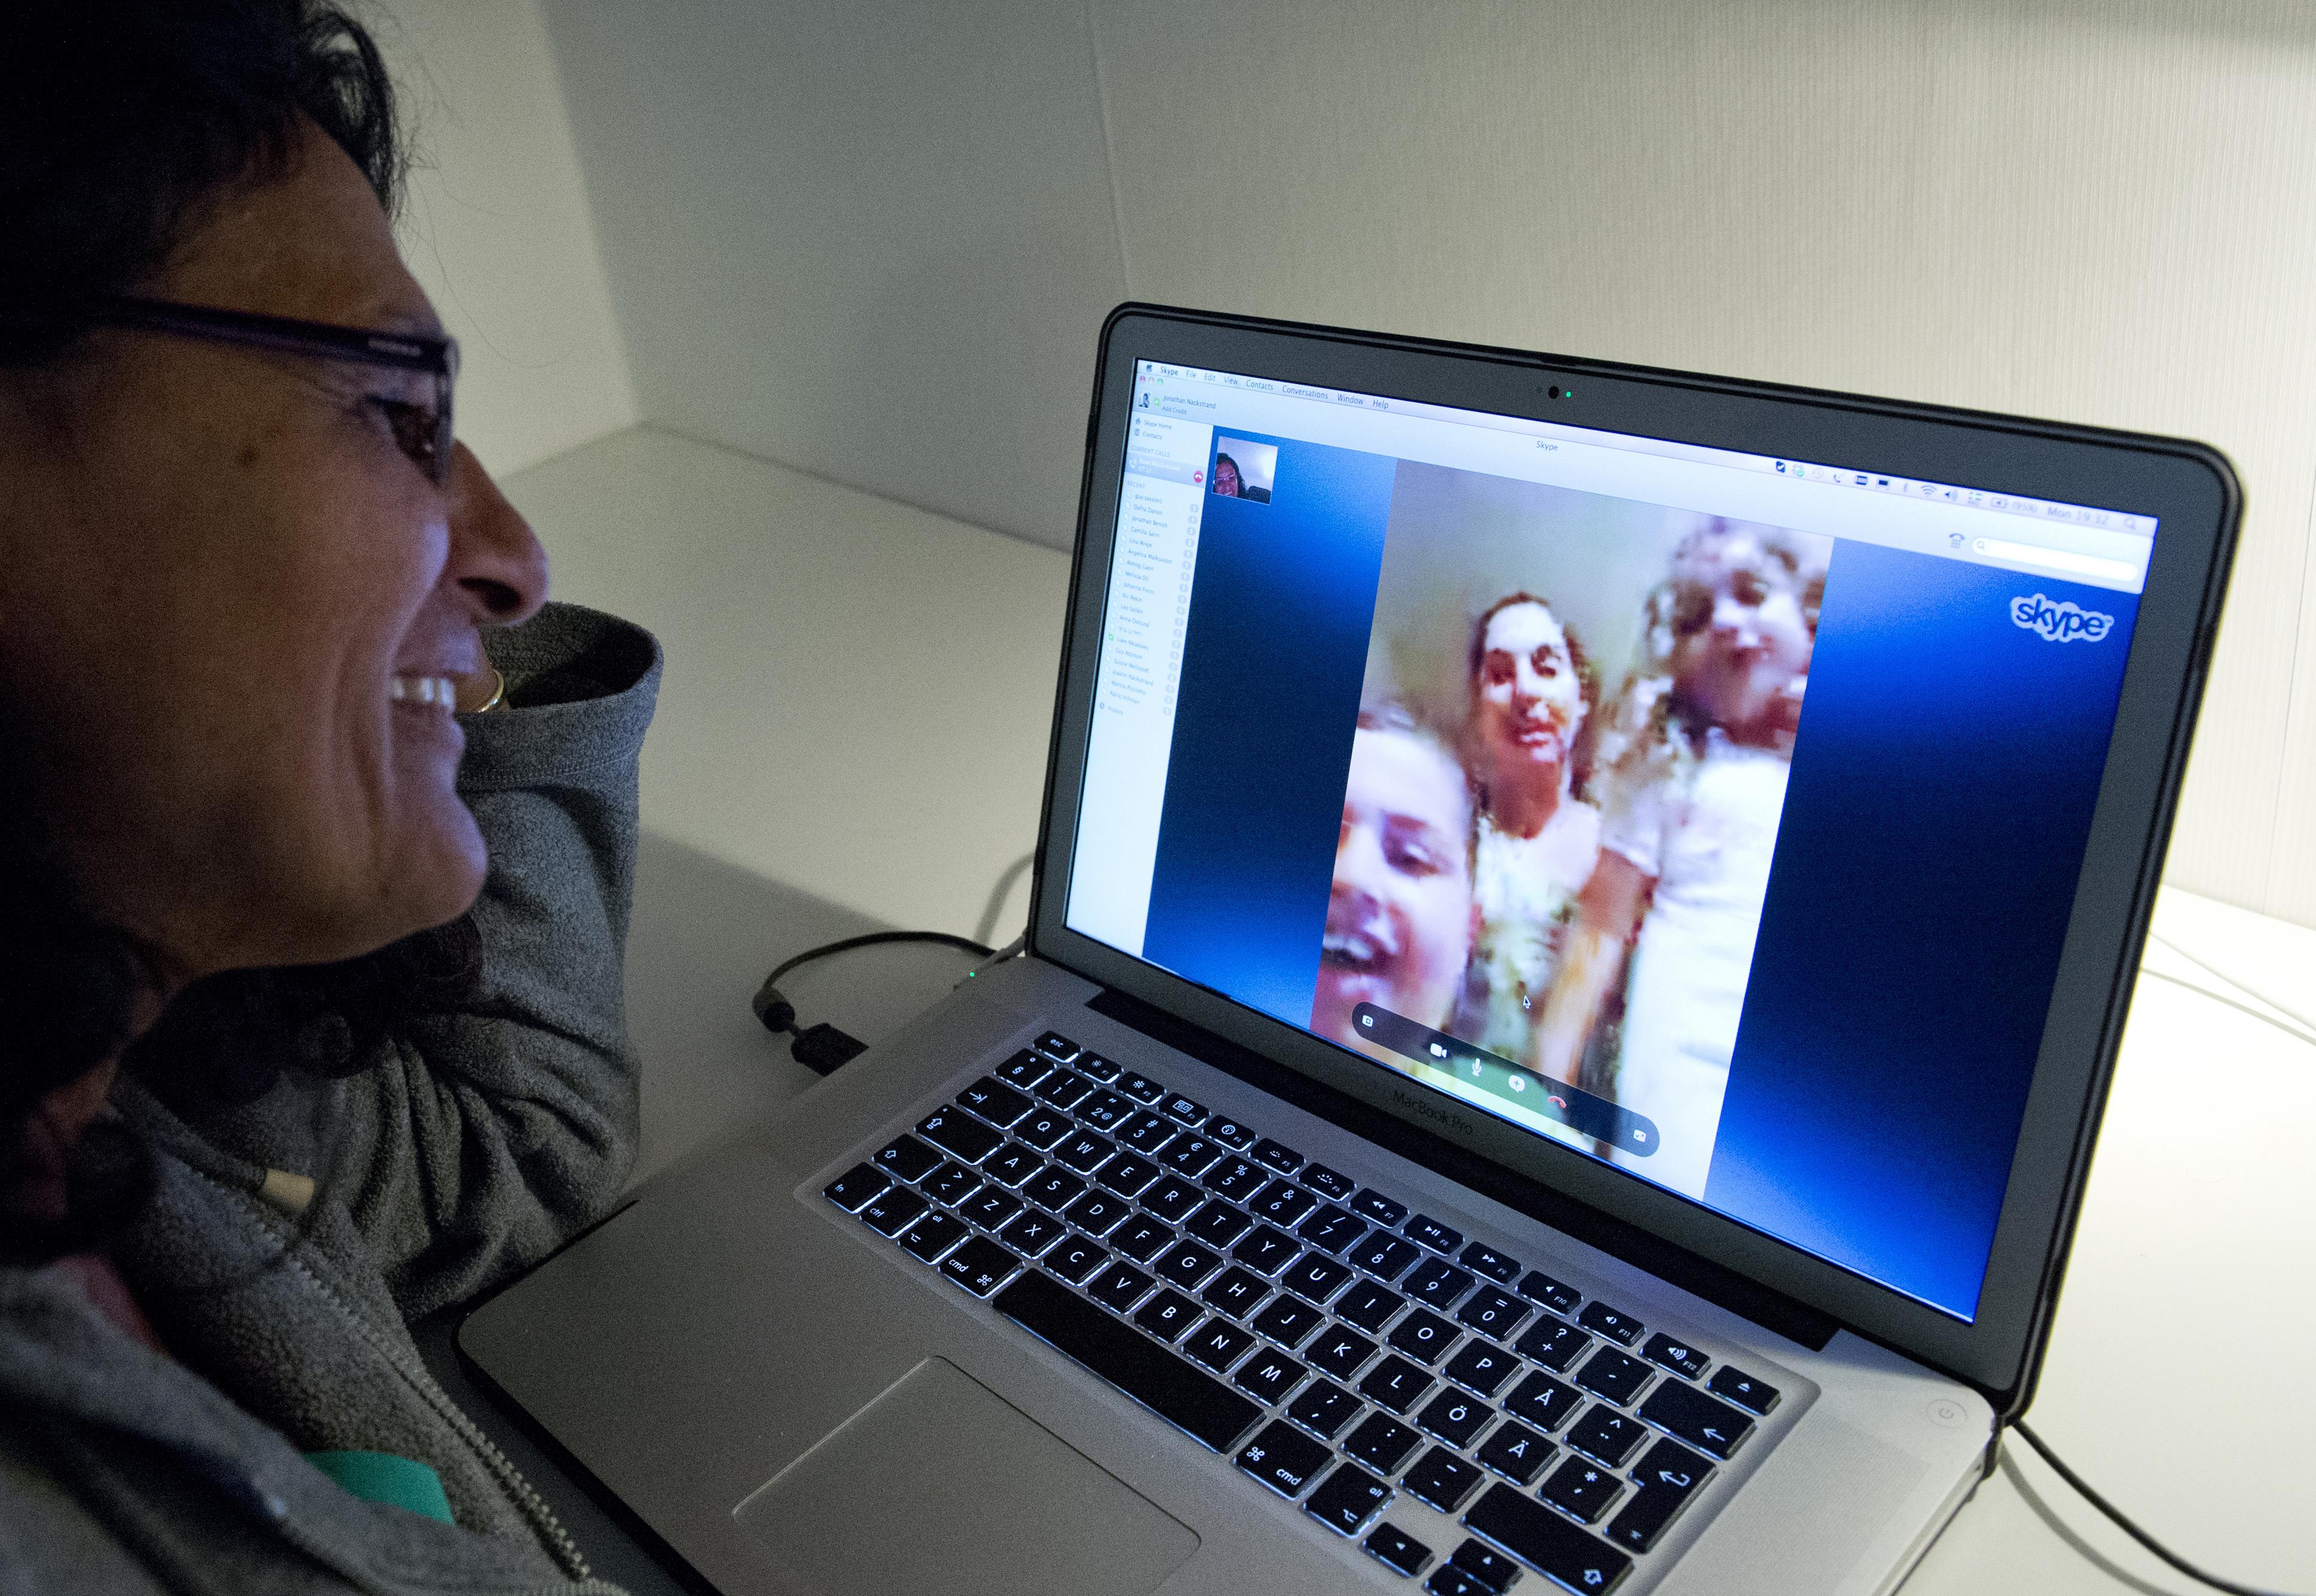 Чат для знакомств по скайпу, Вирт секс по скайпу: бесплатные знакомства по 21 фотография